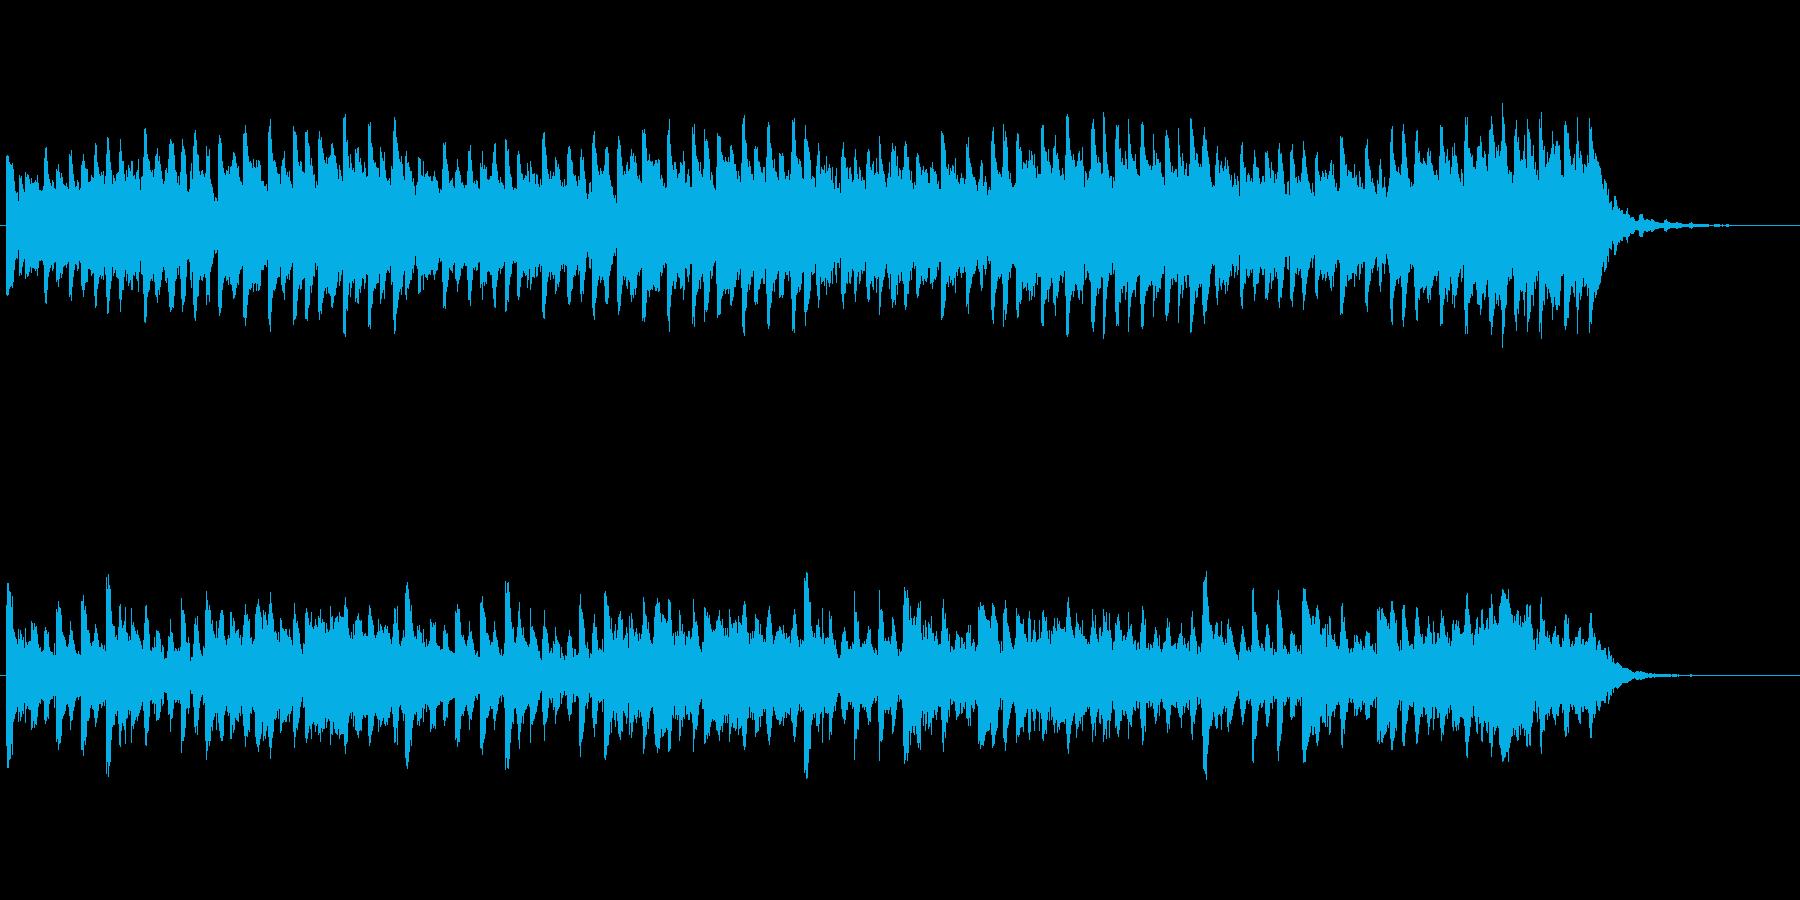 【ピアノ バラード】ミステリアスなピアノの再生済みの波形